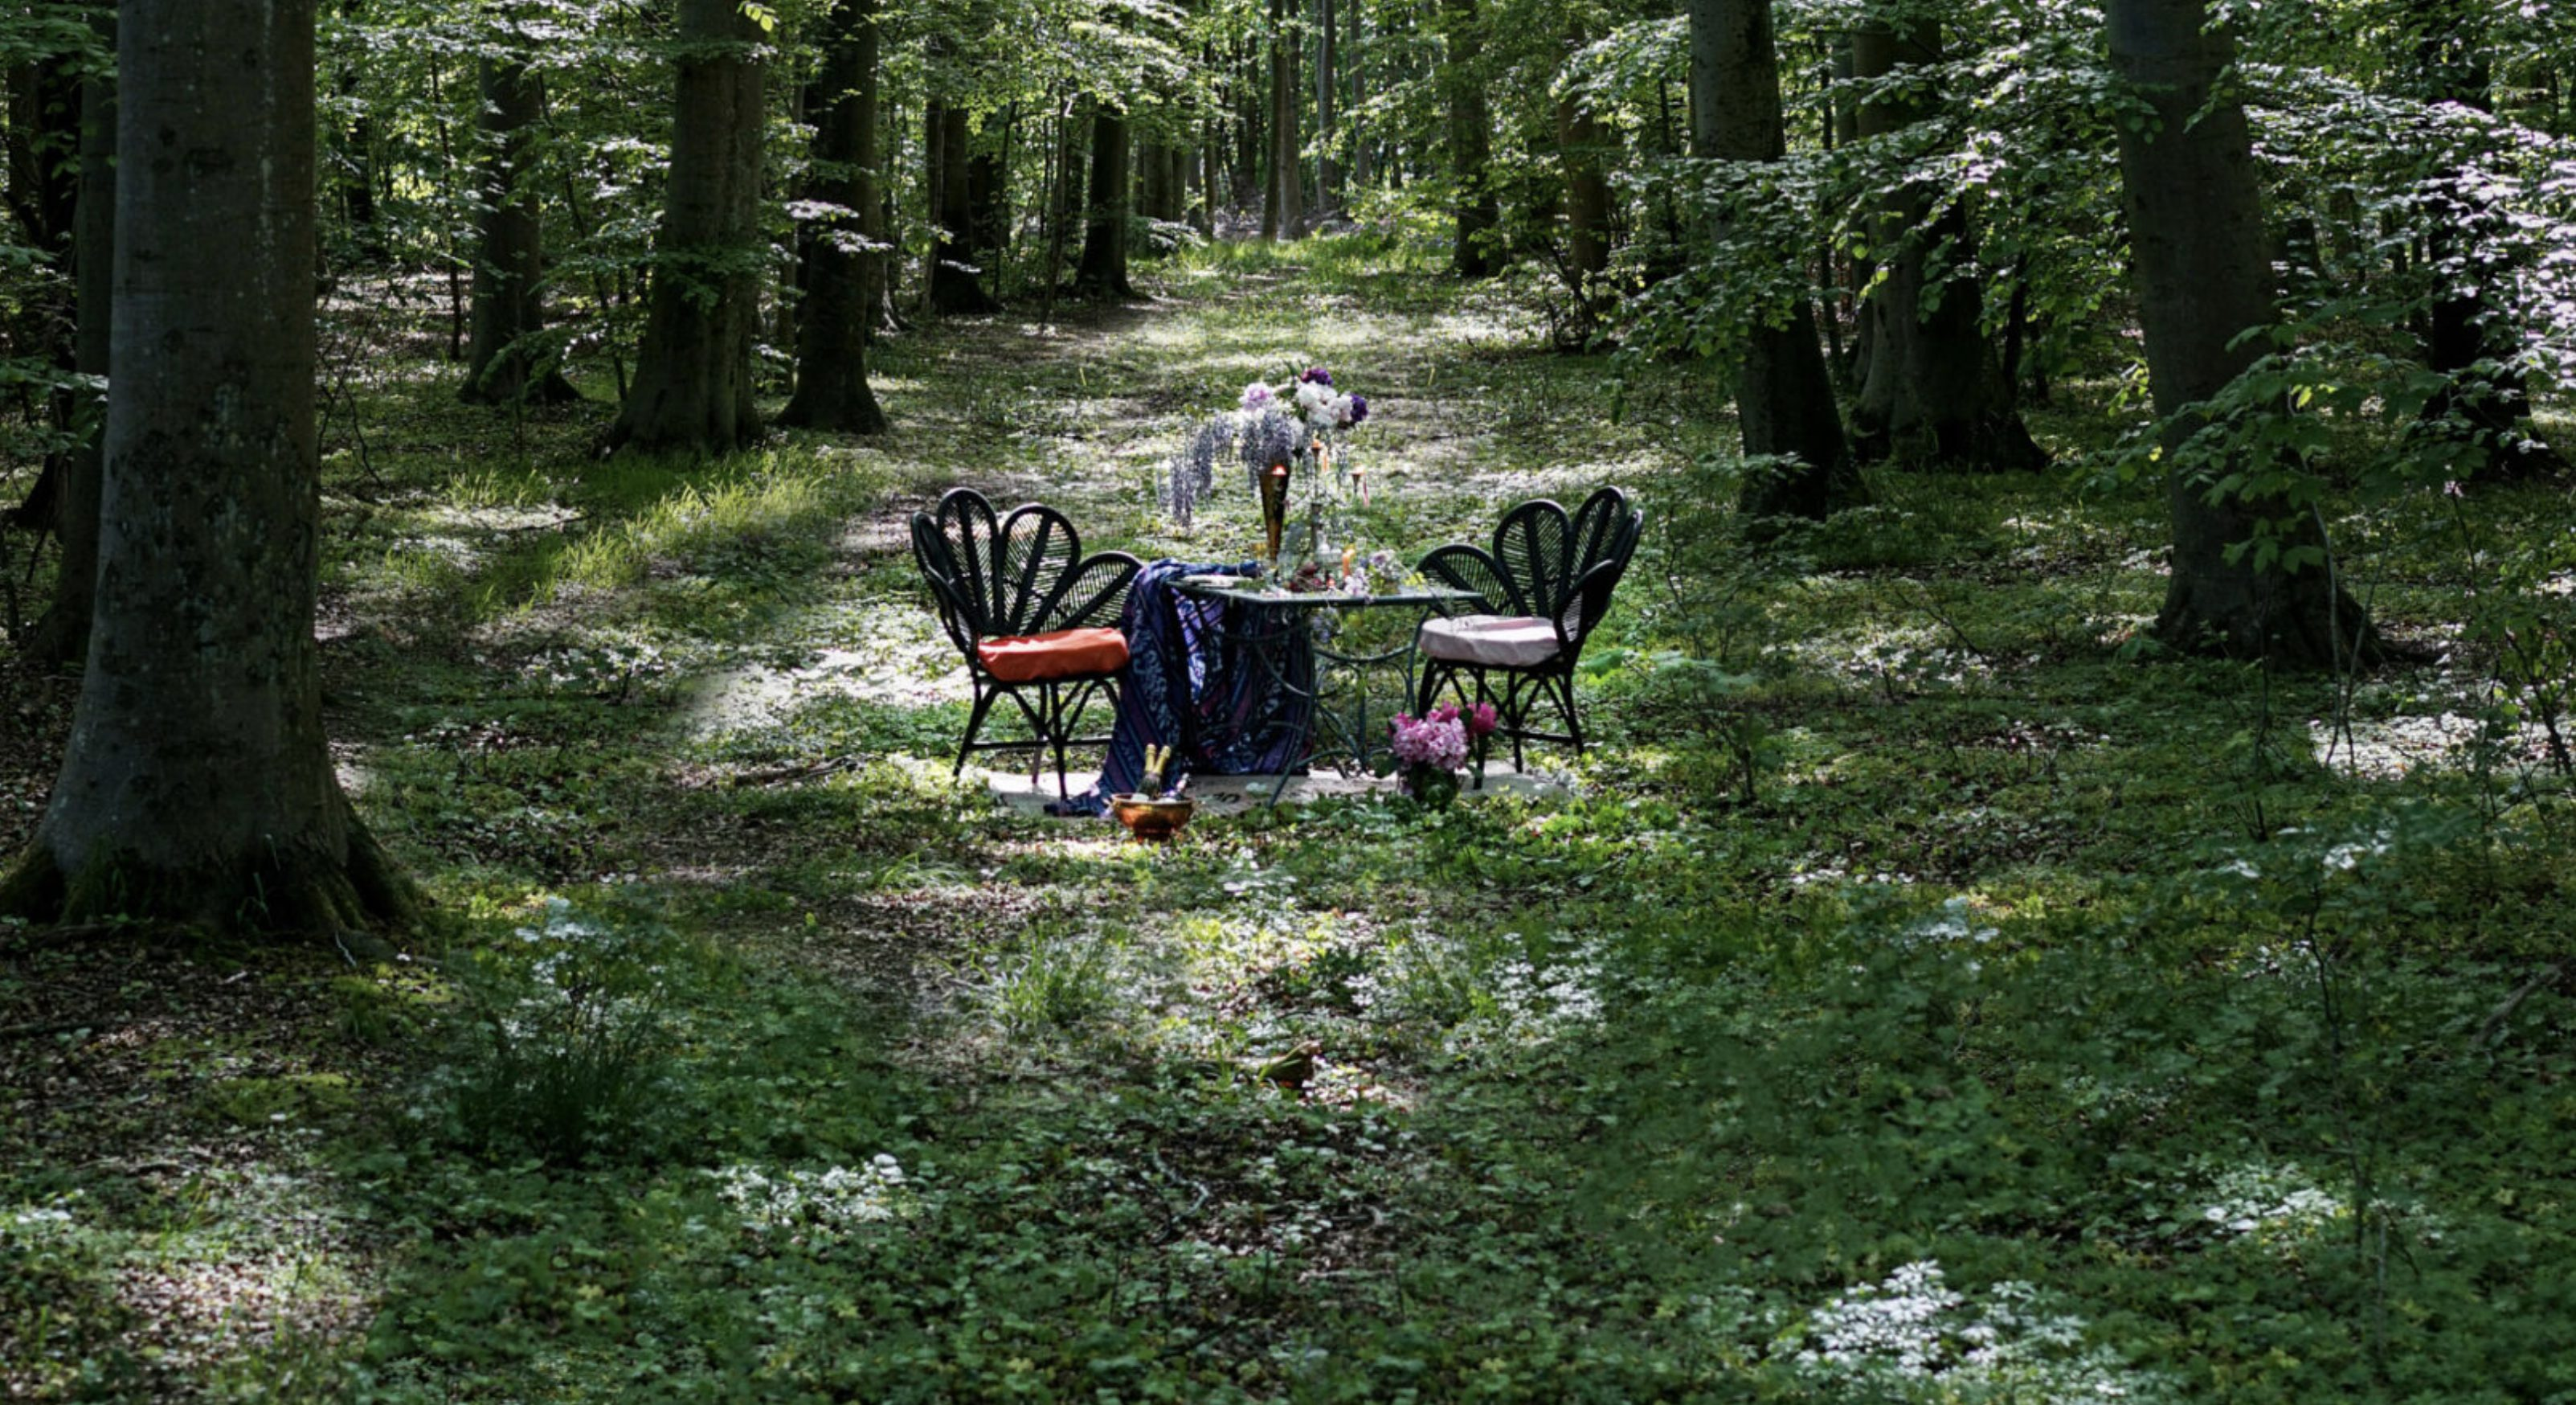 Un ristorante con 6 tavoli in una foresta: in Svezia apre Nowhere